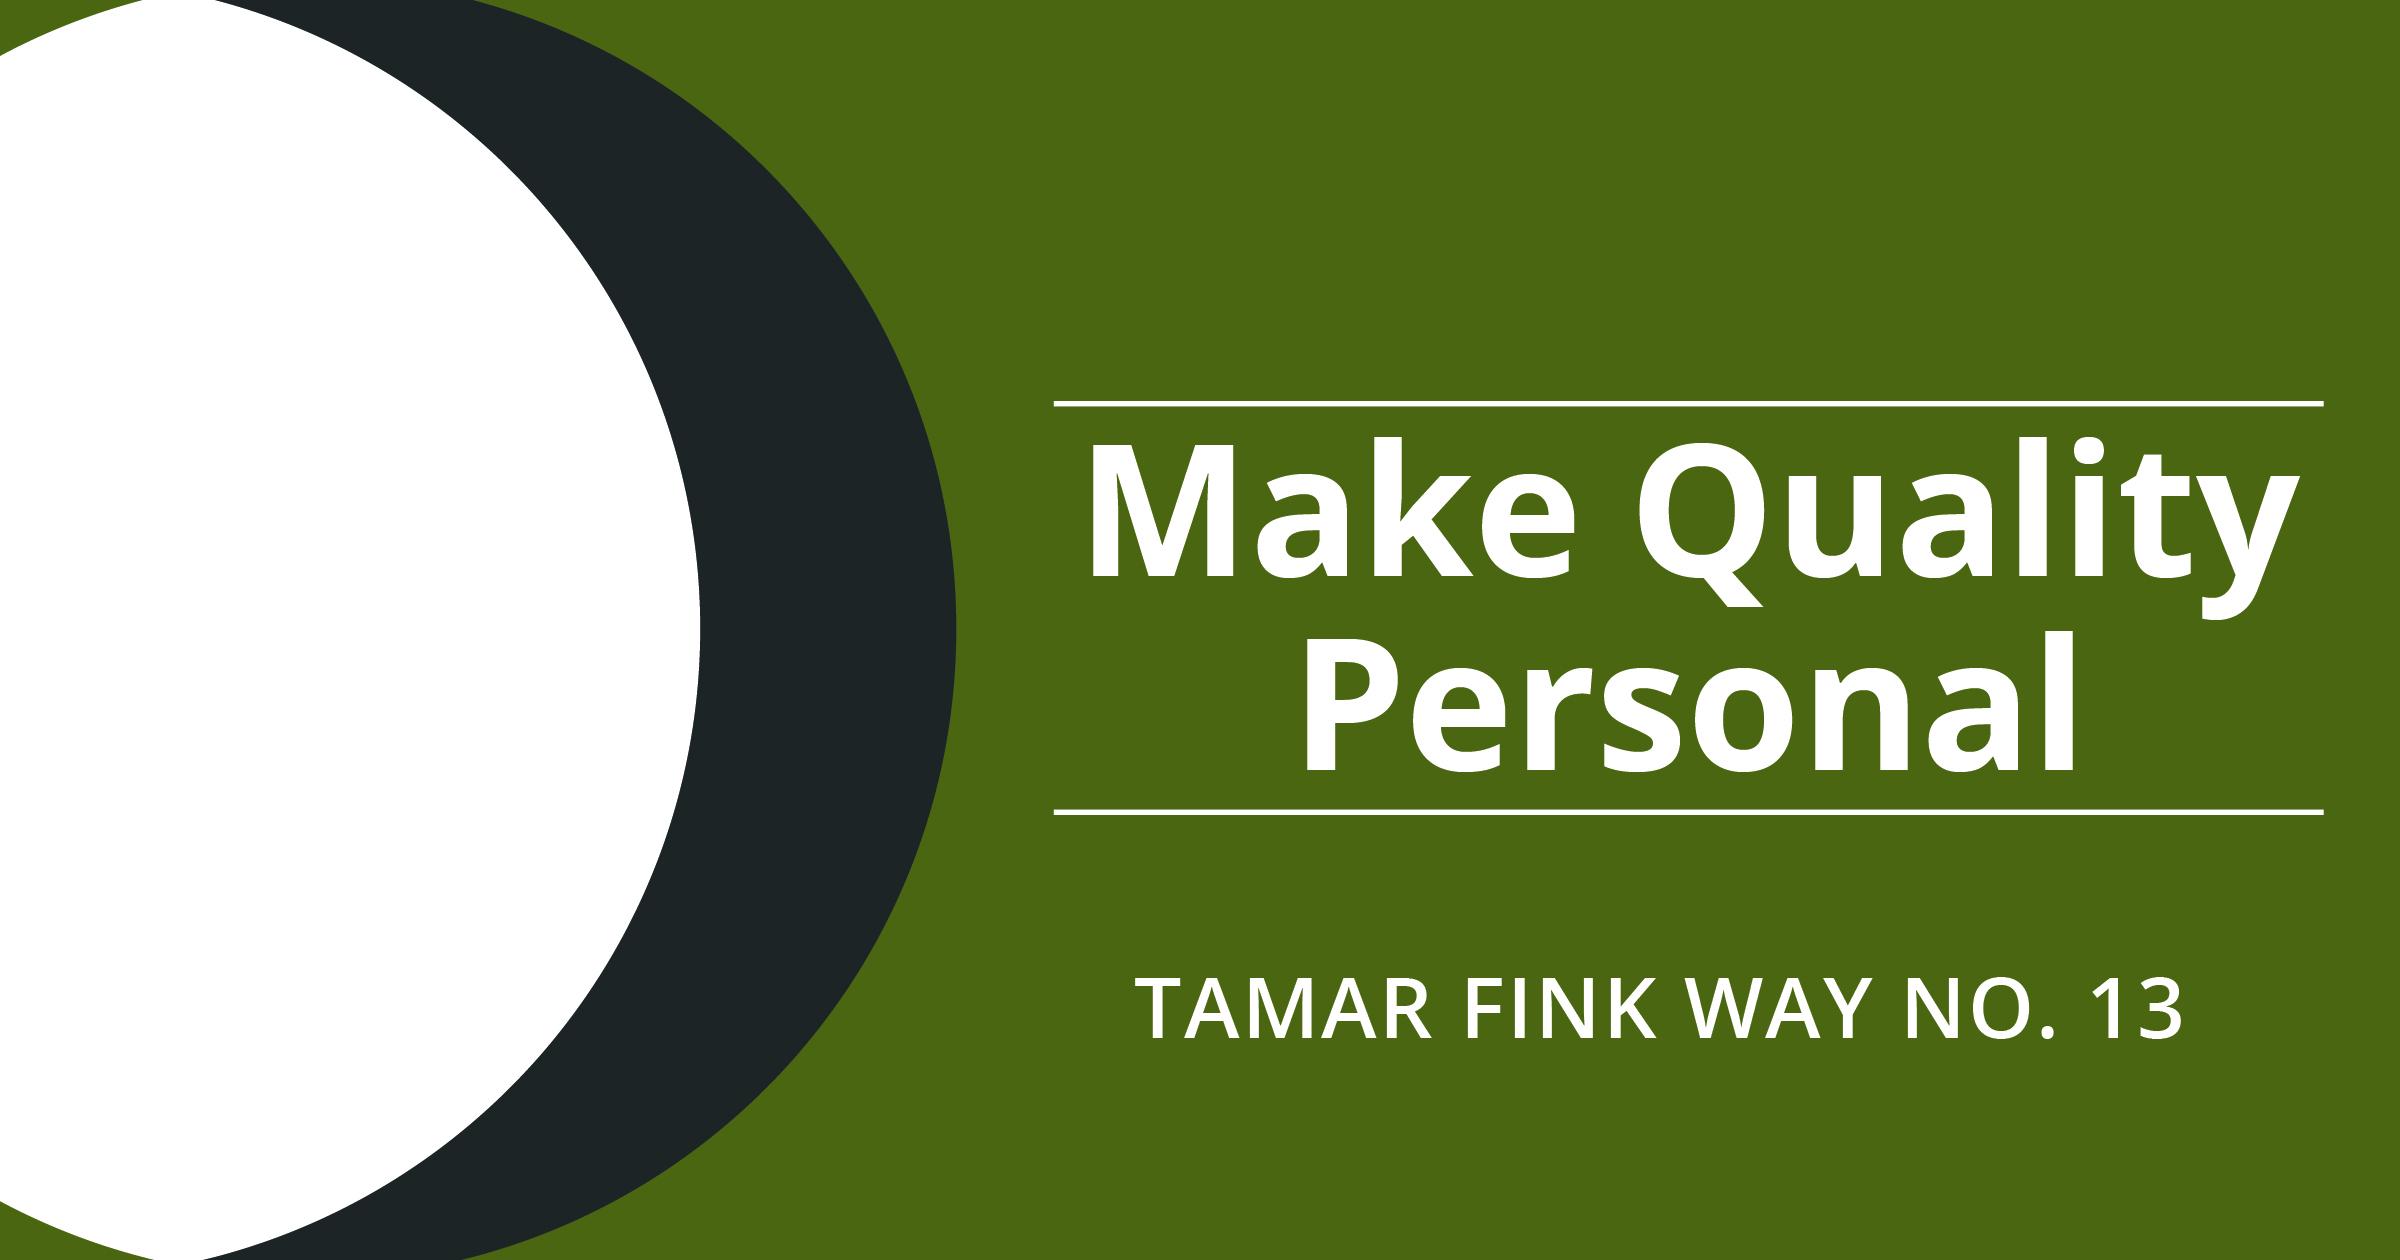 The Tamar Fink Way – #13